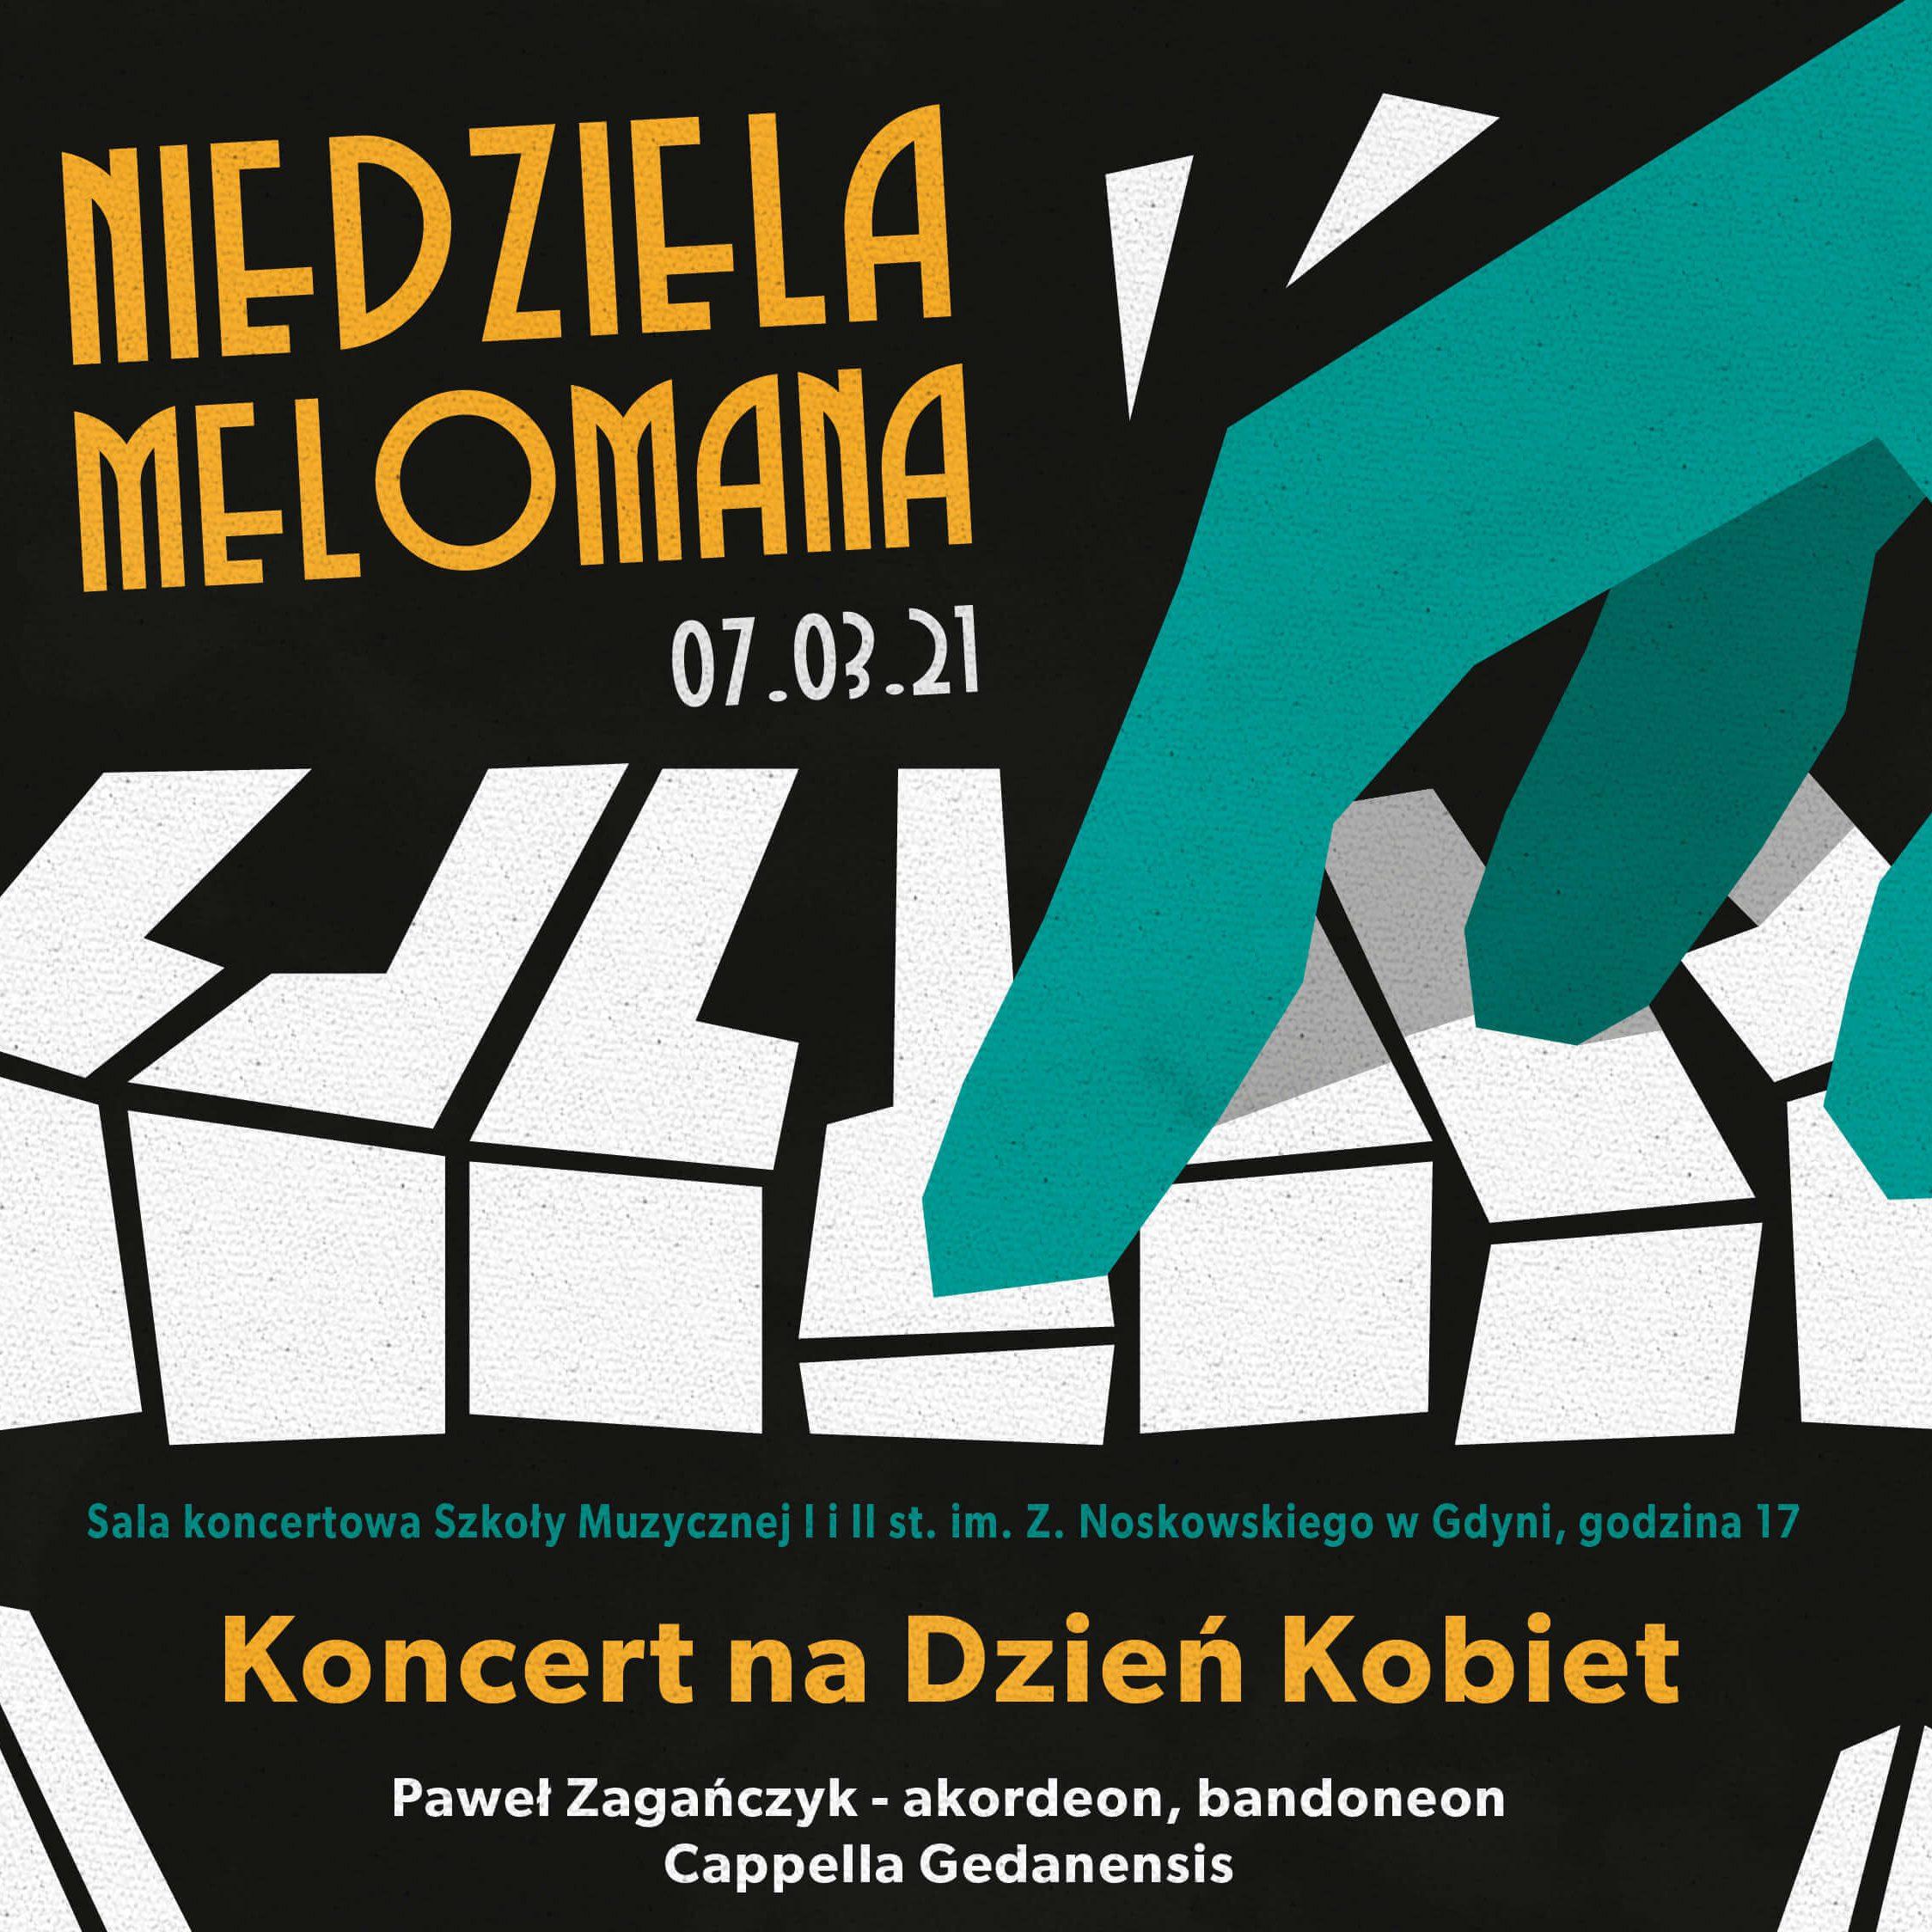 Niedziela Melomana – Koncert na Dzień Kobiet